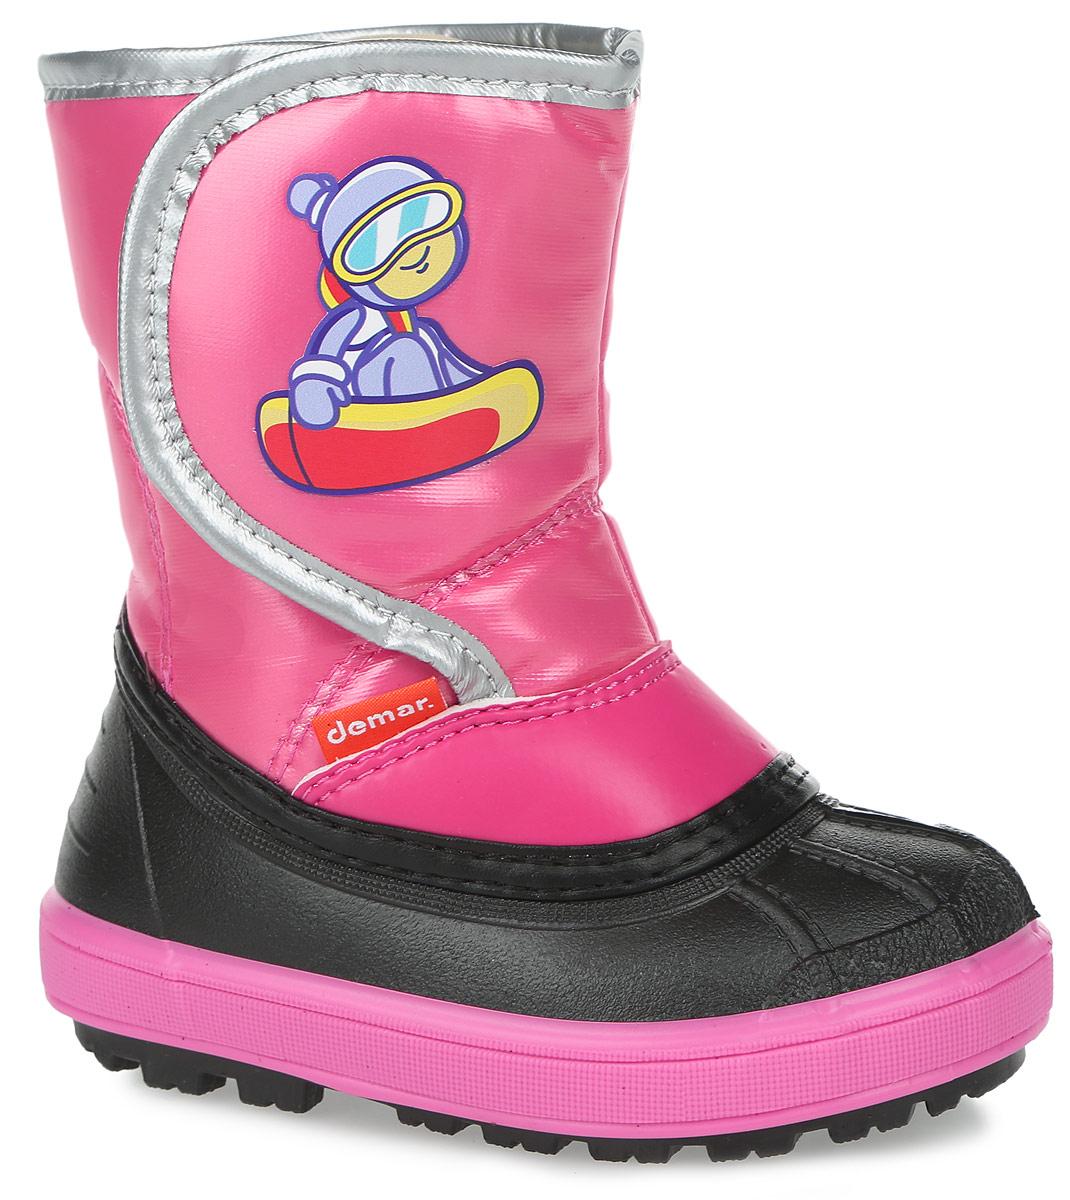 Дутики детские Demar, цвет: розовый. 1505. Размер 22/231505Стильные дутики Snowboarder от Demar придутся по вкусу вашему ребенку. Модель выполнена из текстиля и ПВХ. Модель регулируется по обхвату голенища при помощи хлястика на липучке, оформленного оригинальной наклейкой. Главным преимуществом является наличие съемного носка из натуральной шерсти, который можно вынуть и легко просушить. Подошва с рельефным протектором обеспечит отличное сцепление с любыми поверхностями. Удобные дутики - необходимая вещь в гардеробе вашего ребенка.